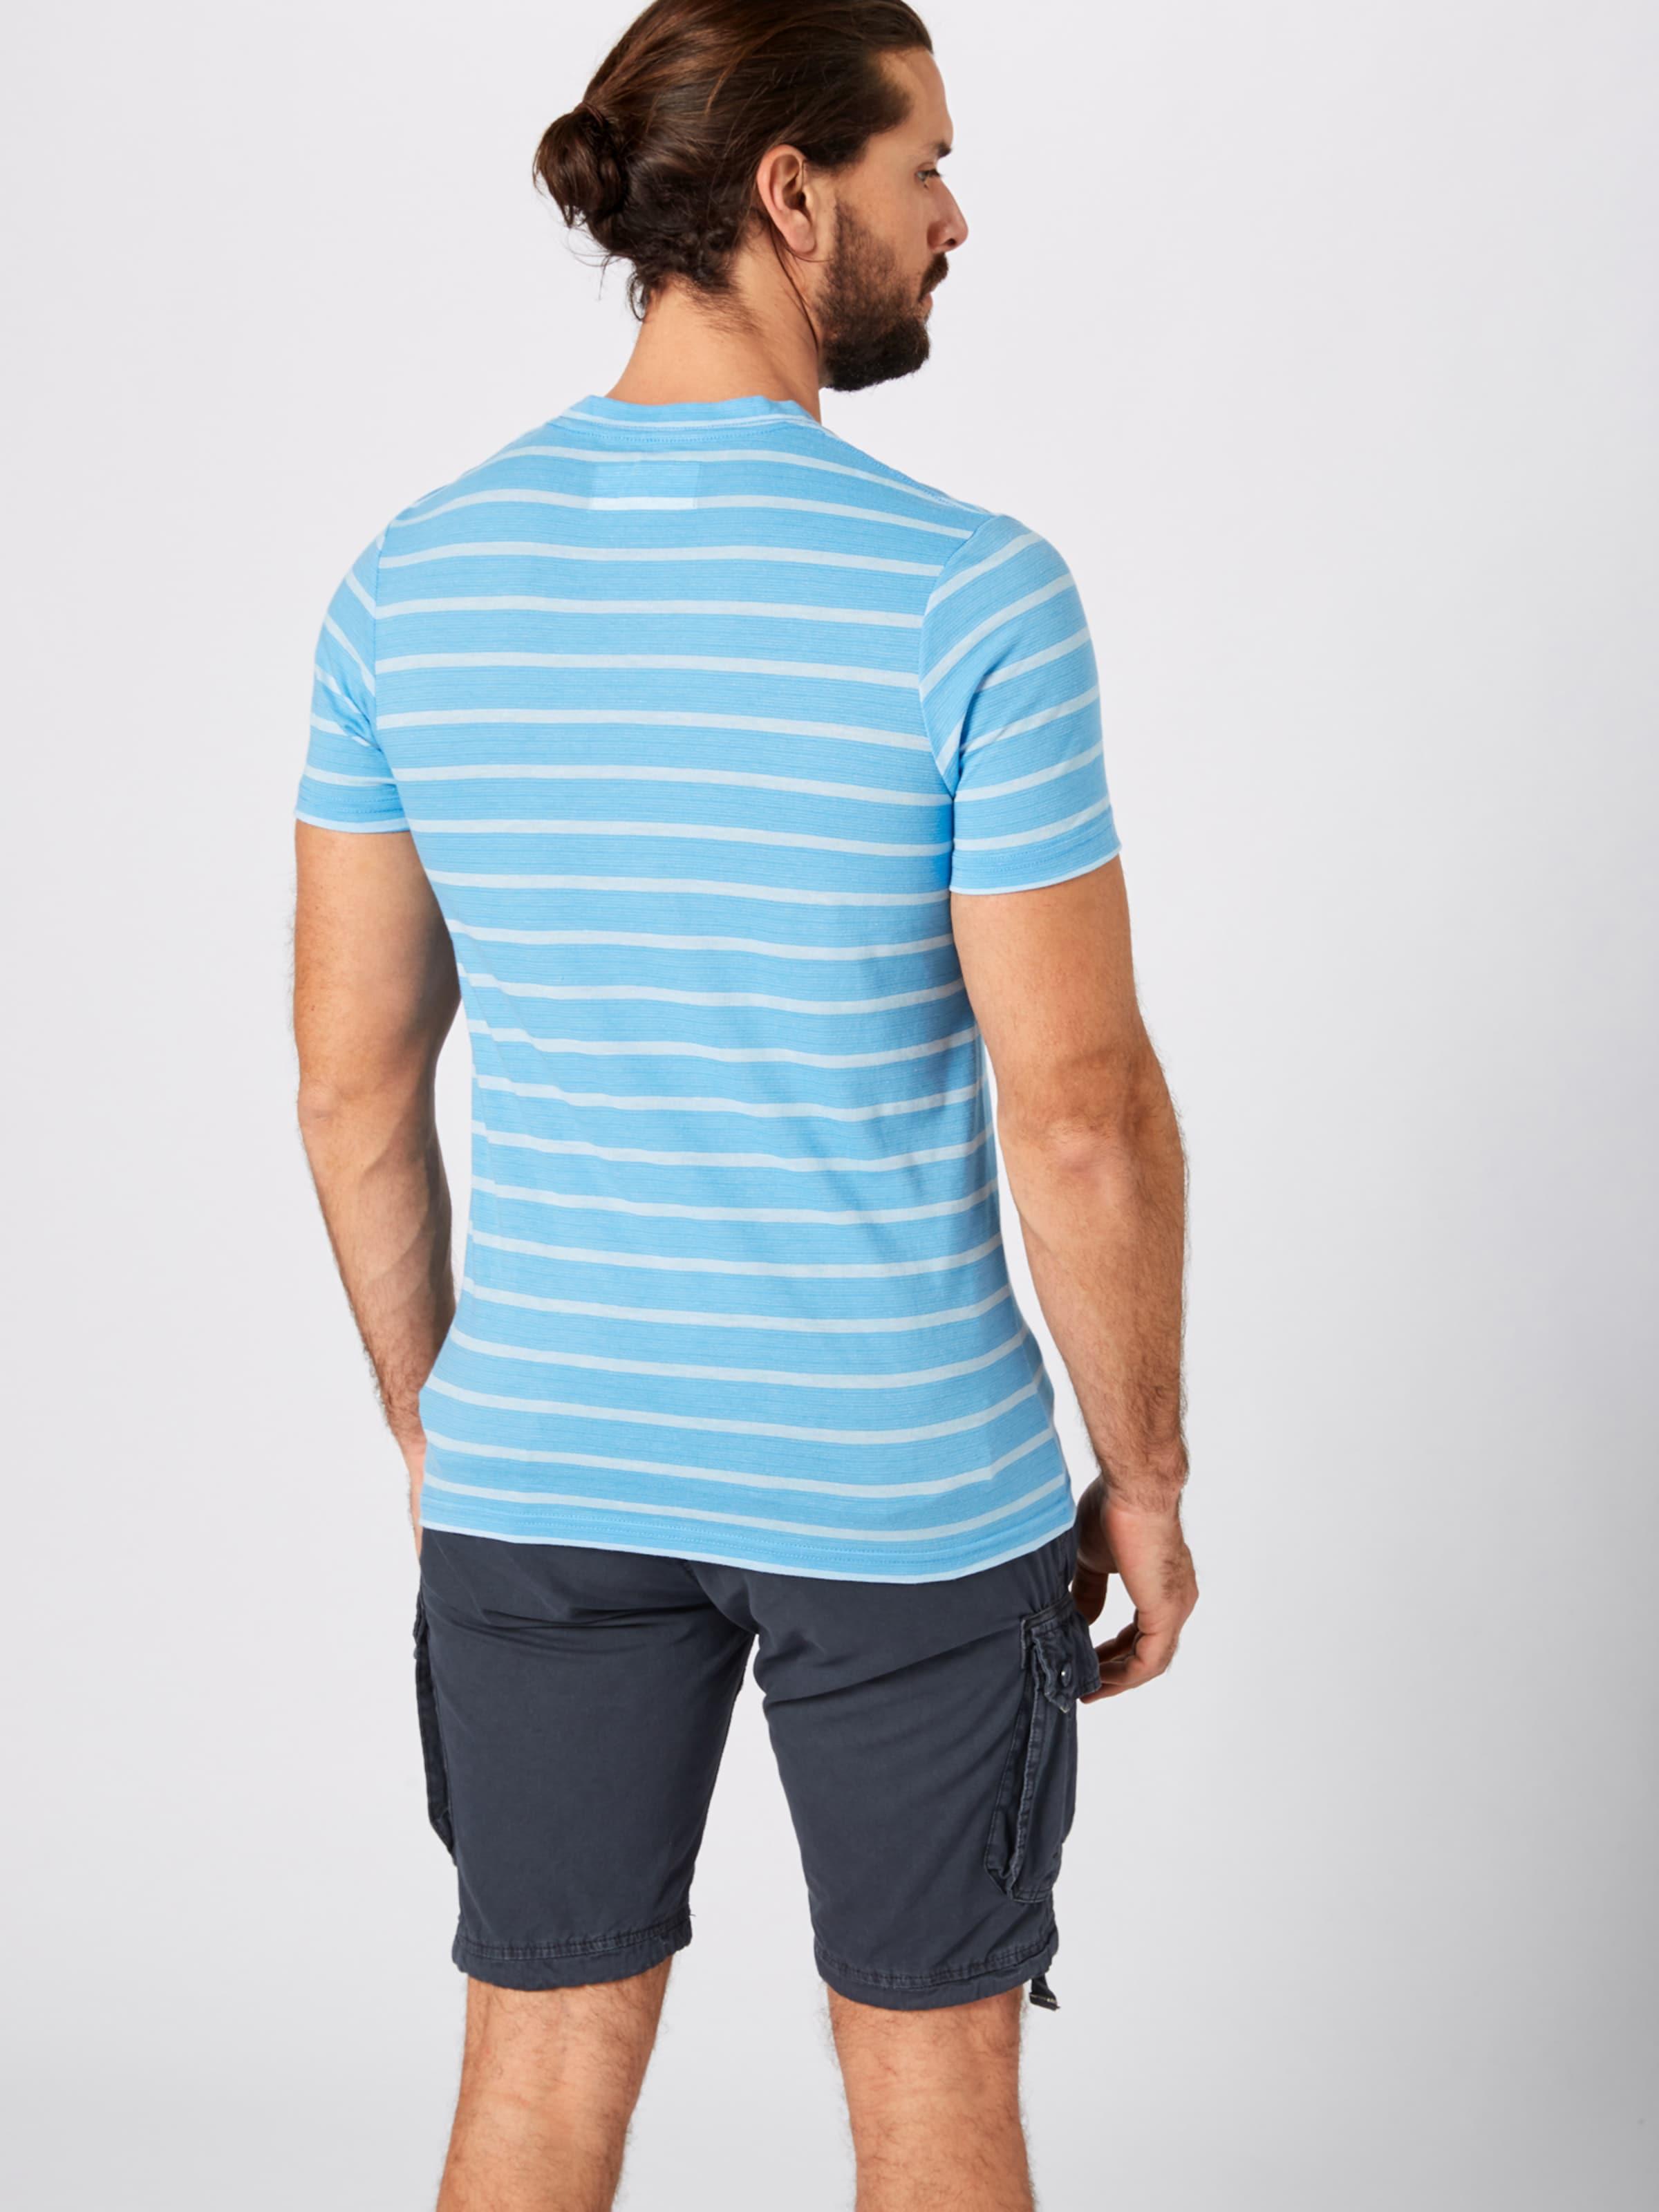 Jones AquaBlanc Jackamp; shirt En 'klark' T zVSUpM